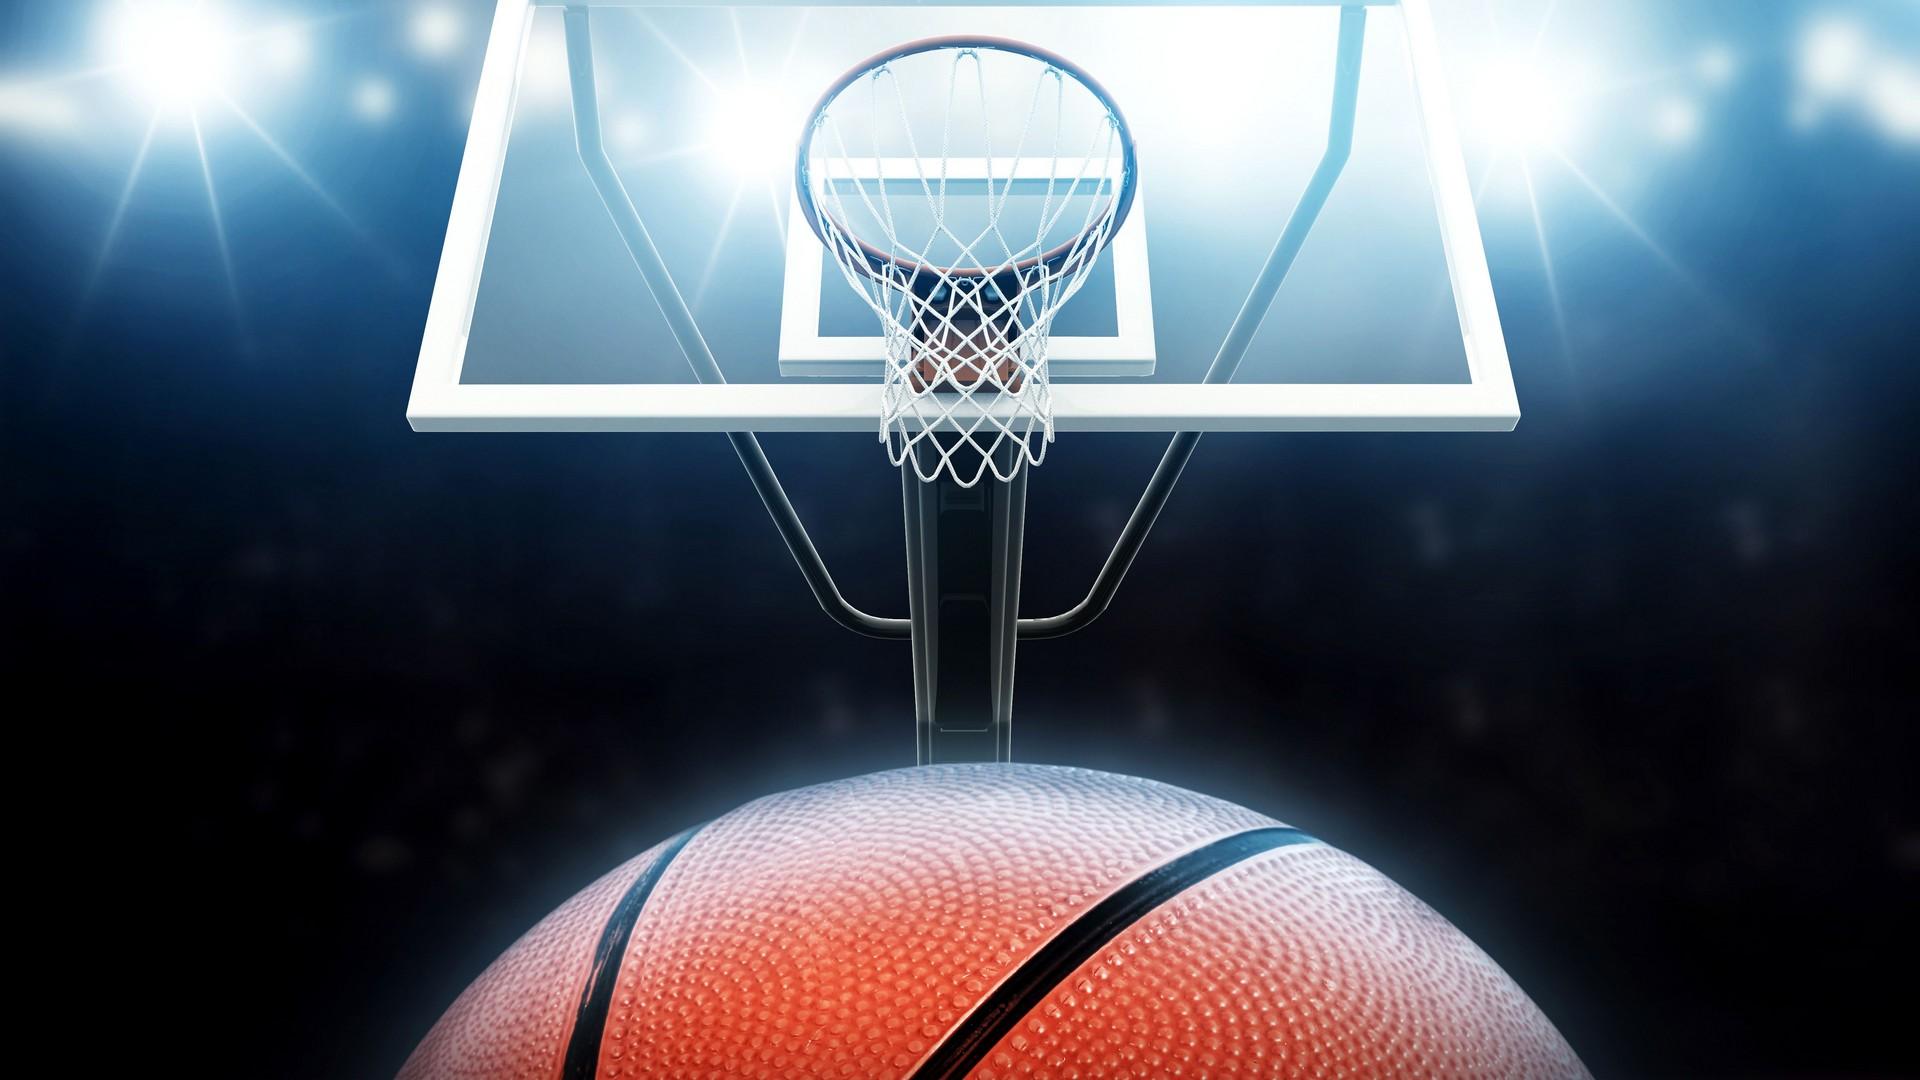 basketball games wallpaper for